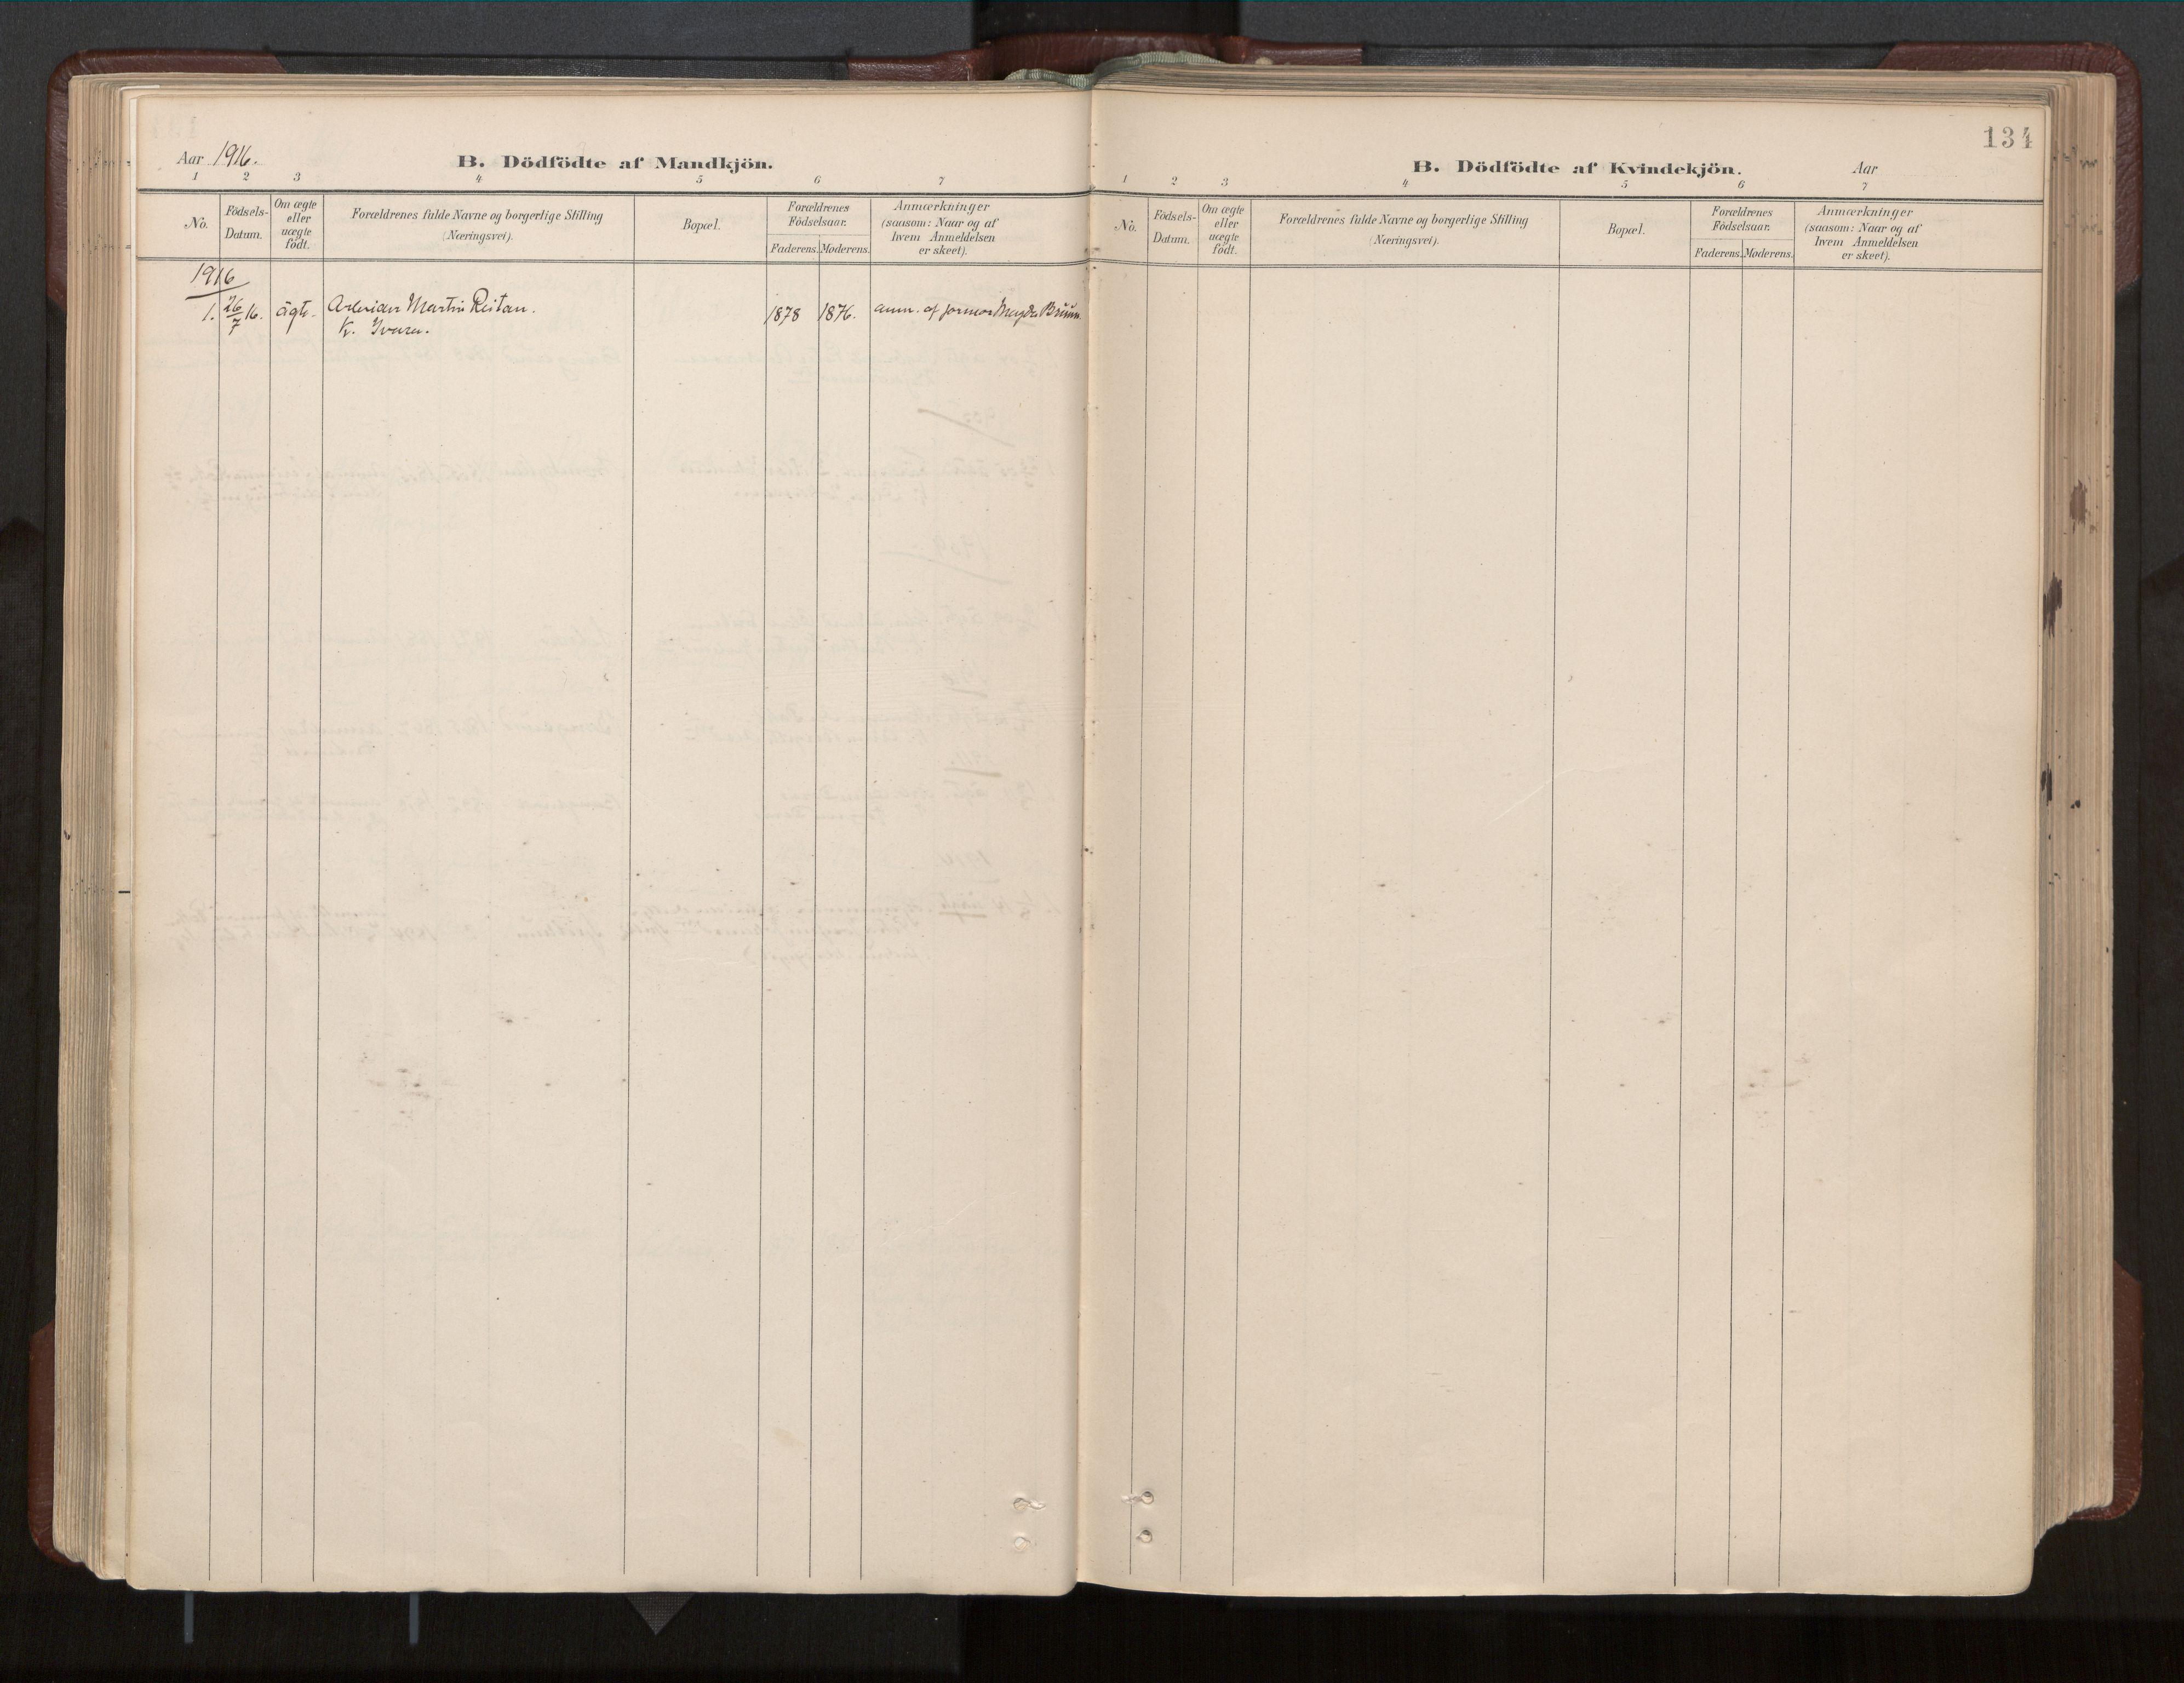 SAT, Ministerialprotokoller, klokkerbøker og fødselsregistre - Nord-Trøndelag, 770/L0589: Ministerialbok nr. 770A03, 1887-1929, s. 134